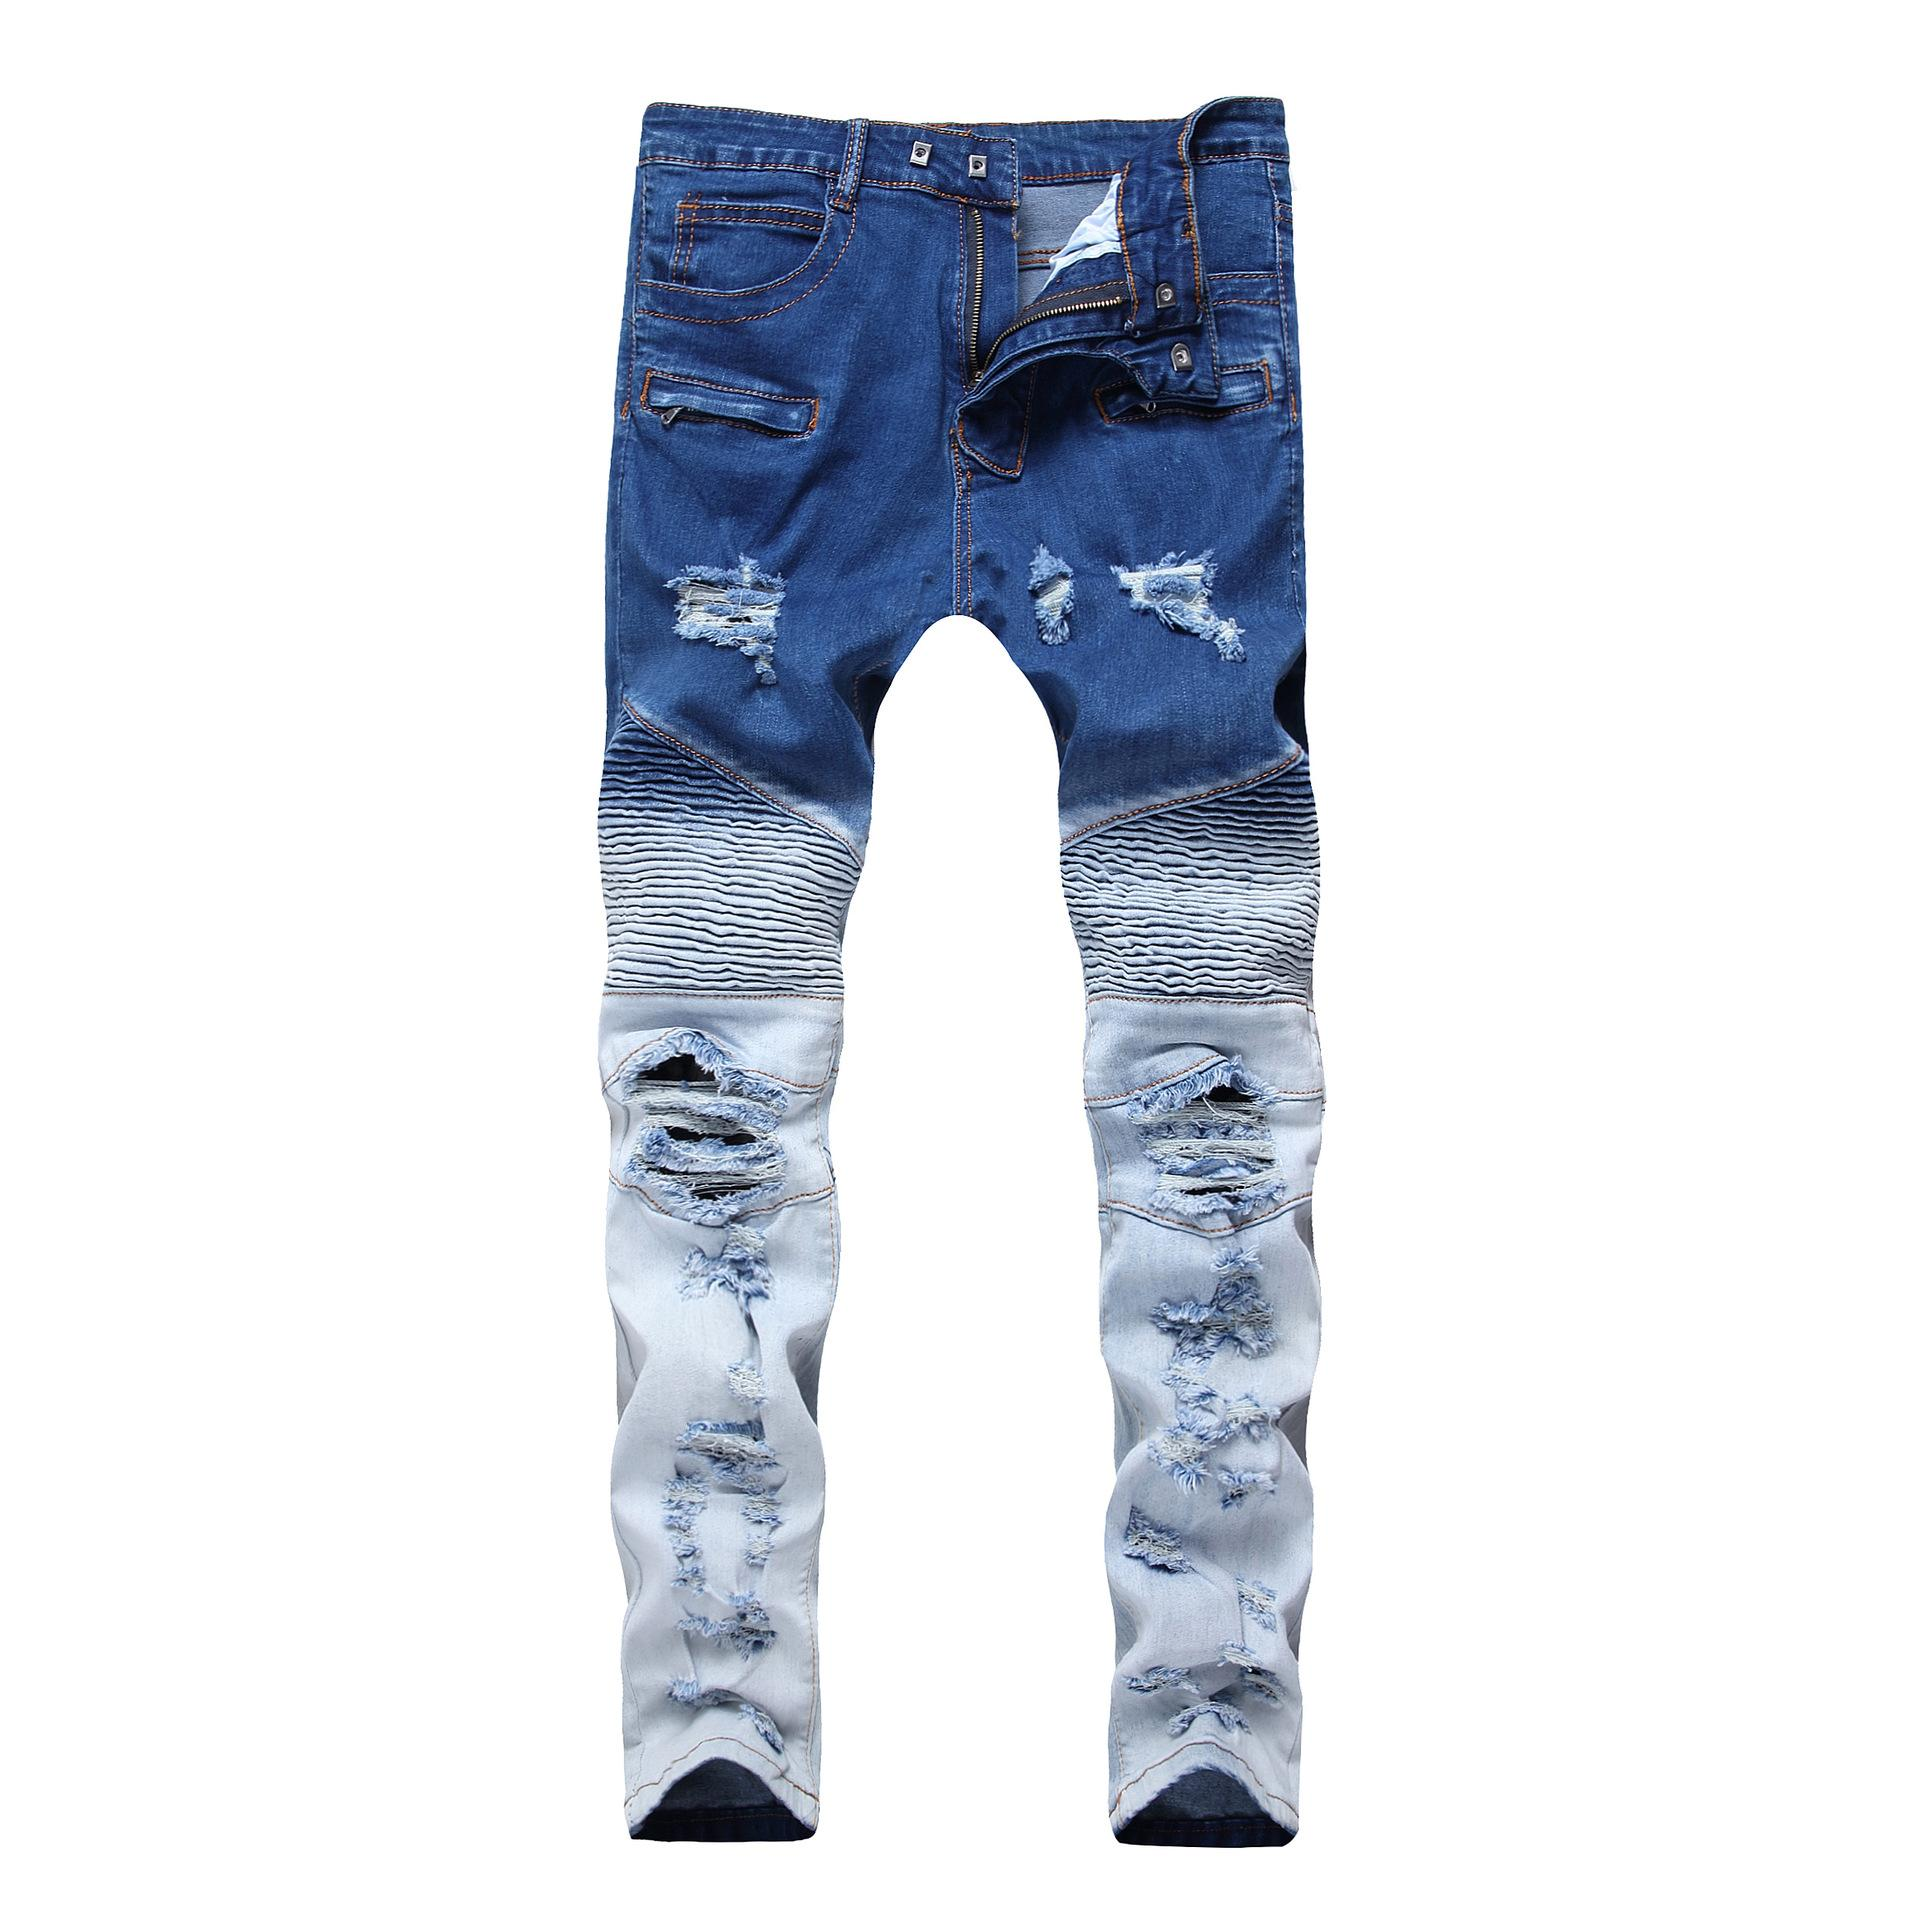 02900ea46c Compre Pantalones Vaqueros Para Hombre Locomotora Extranjera Jeans  Ajustados Cremallera Primavera Elasticidad Doble Color Agujero Roto  Mediados De Cintura ...